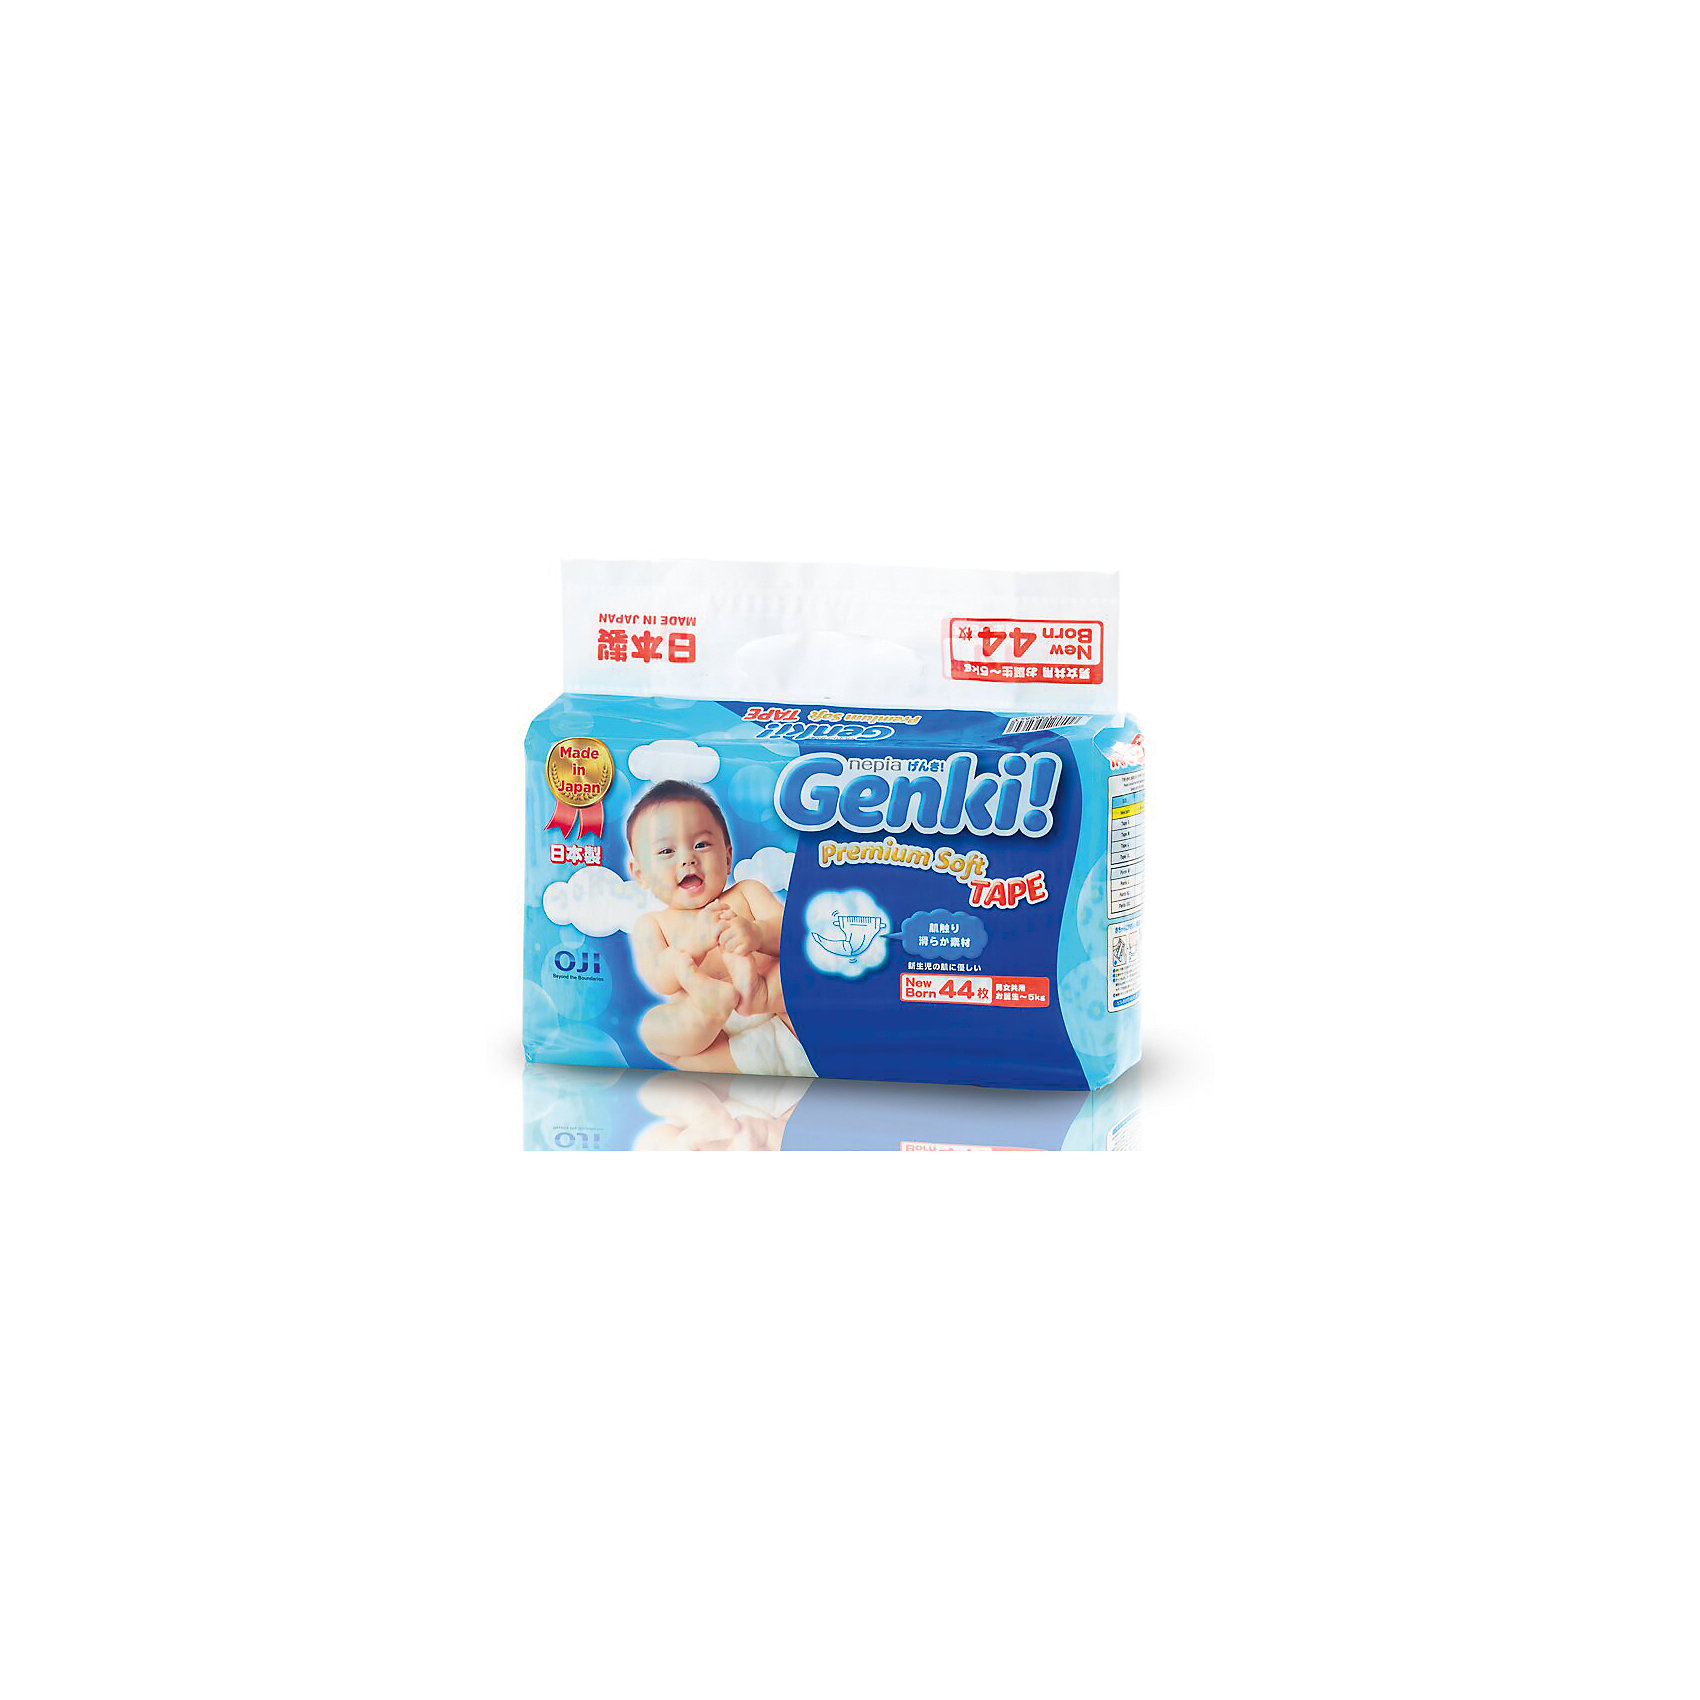 Подгузники Nepia Genki, 0-5 кг., размер NB, 44 шт.,GenkiПодгузники GENKI - японские подгузники, сочетающие в себе традиционное качество и современные технологии производства. Они изготовлены из мягкого и гладкого хлопка, идеального для чувствительной кожи малышей. Дышащая поверхность внешней и внутренней стороны подгузника пропускает к коже ребёнка воздух, сохраняя ее сухой. На внешней стороне изделия расположен индикатор - он подскажет маме, когда необходимо поменять подгузник (при заполнении желтый цвет меняется на синий). Широкая фиксирующая лента (55 мм) позволит удобно и надежно зафиксировать подгузник. На задней части пояса имеется герметичная вставка, предотвращающая протекание. Подходят для детей обоих полов.<br><br>Ширина мм: 9999<br>Глубина мм: 9999<br>Высота мм: 9999<br>Вес г: 500<br>Возраст от месяцев: 0<br>Возраст до месяцев: 3<br>Пол: Унисекс<br>Возраст: Детский<br>SKU: 5504693